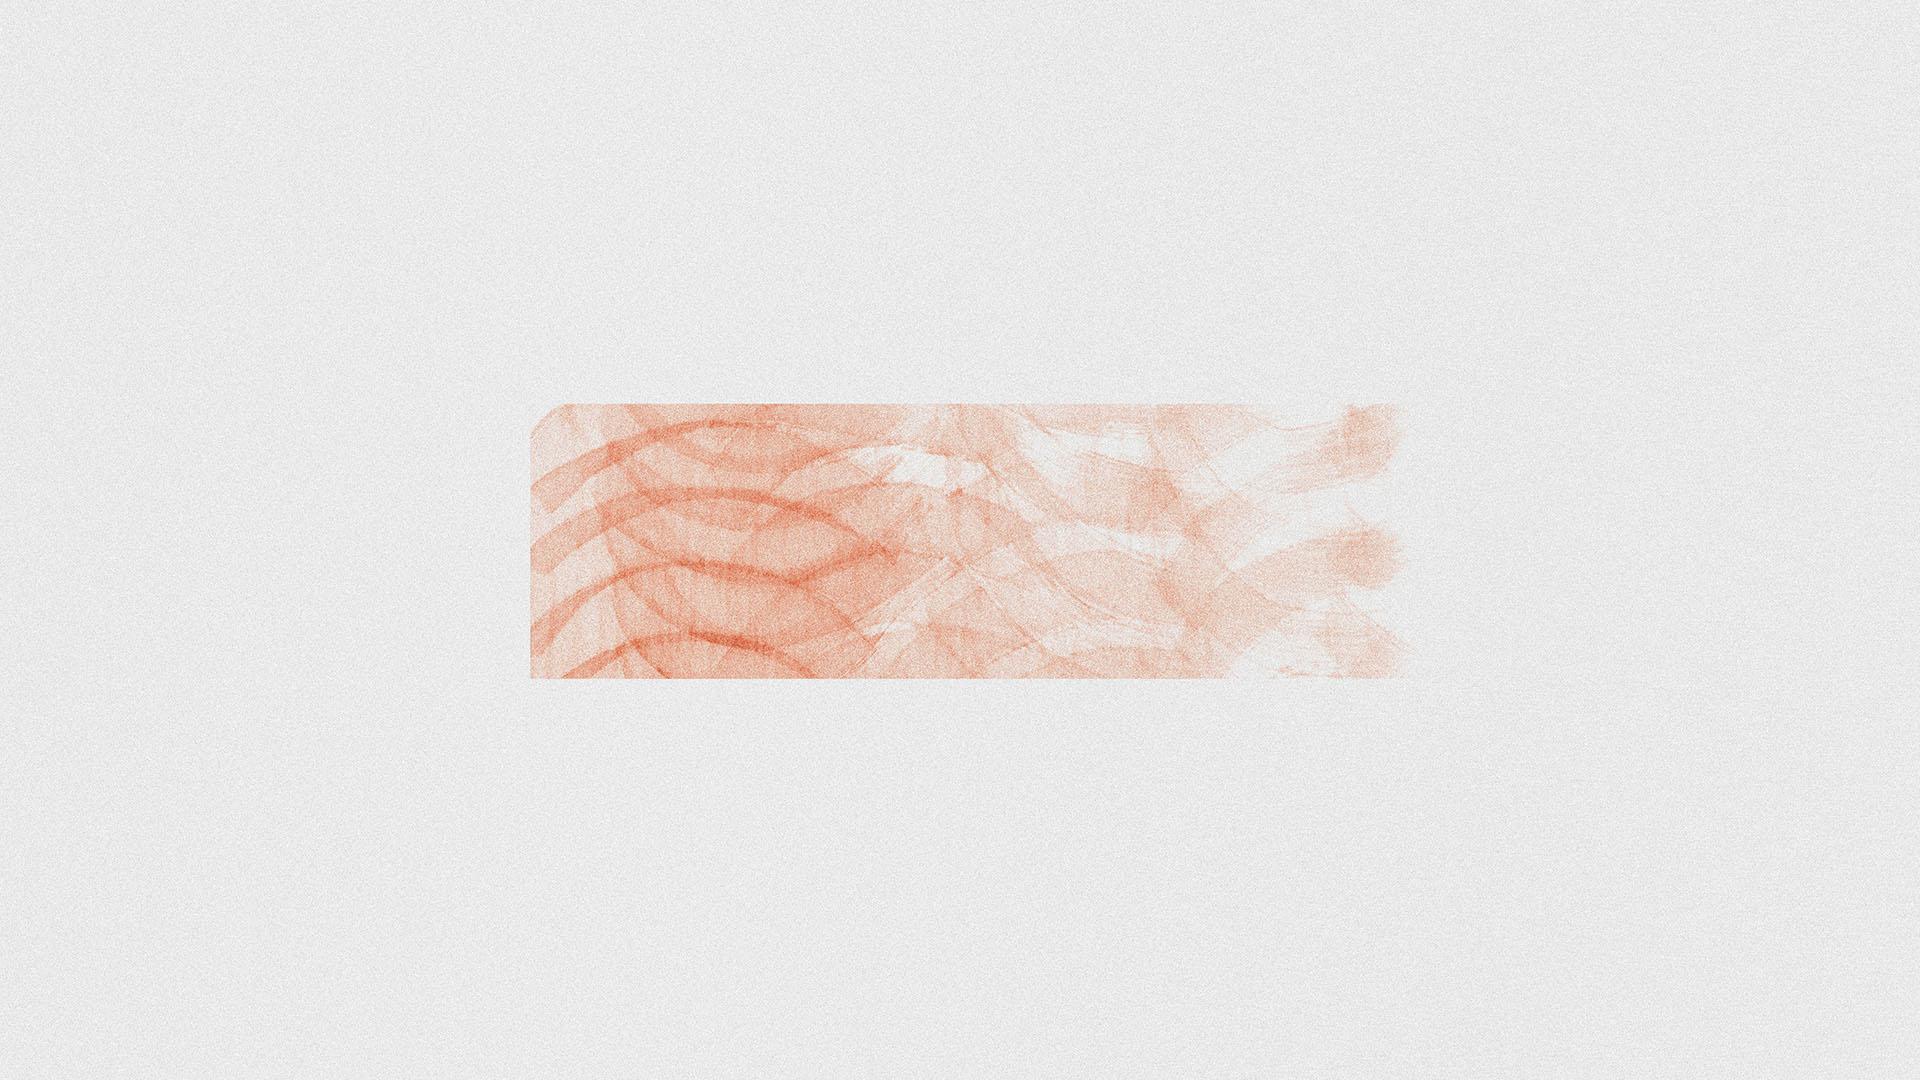 Abstraktes Pinselmuster in Orange auf weißem Hintergrund. Symbolbild für Markenkommunikation.